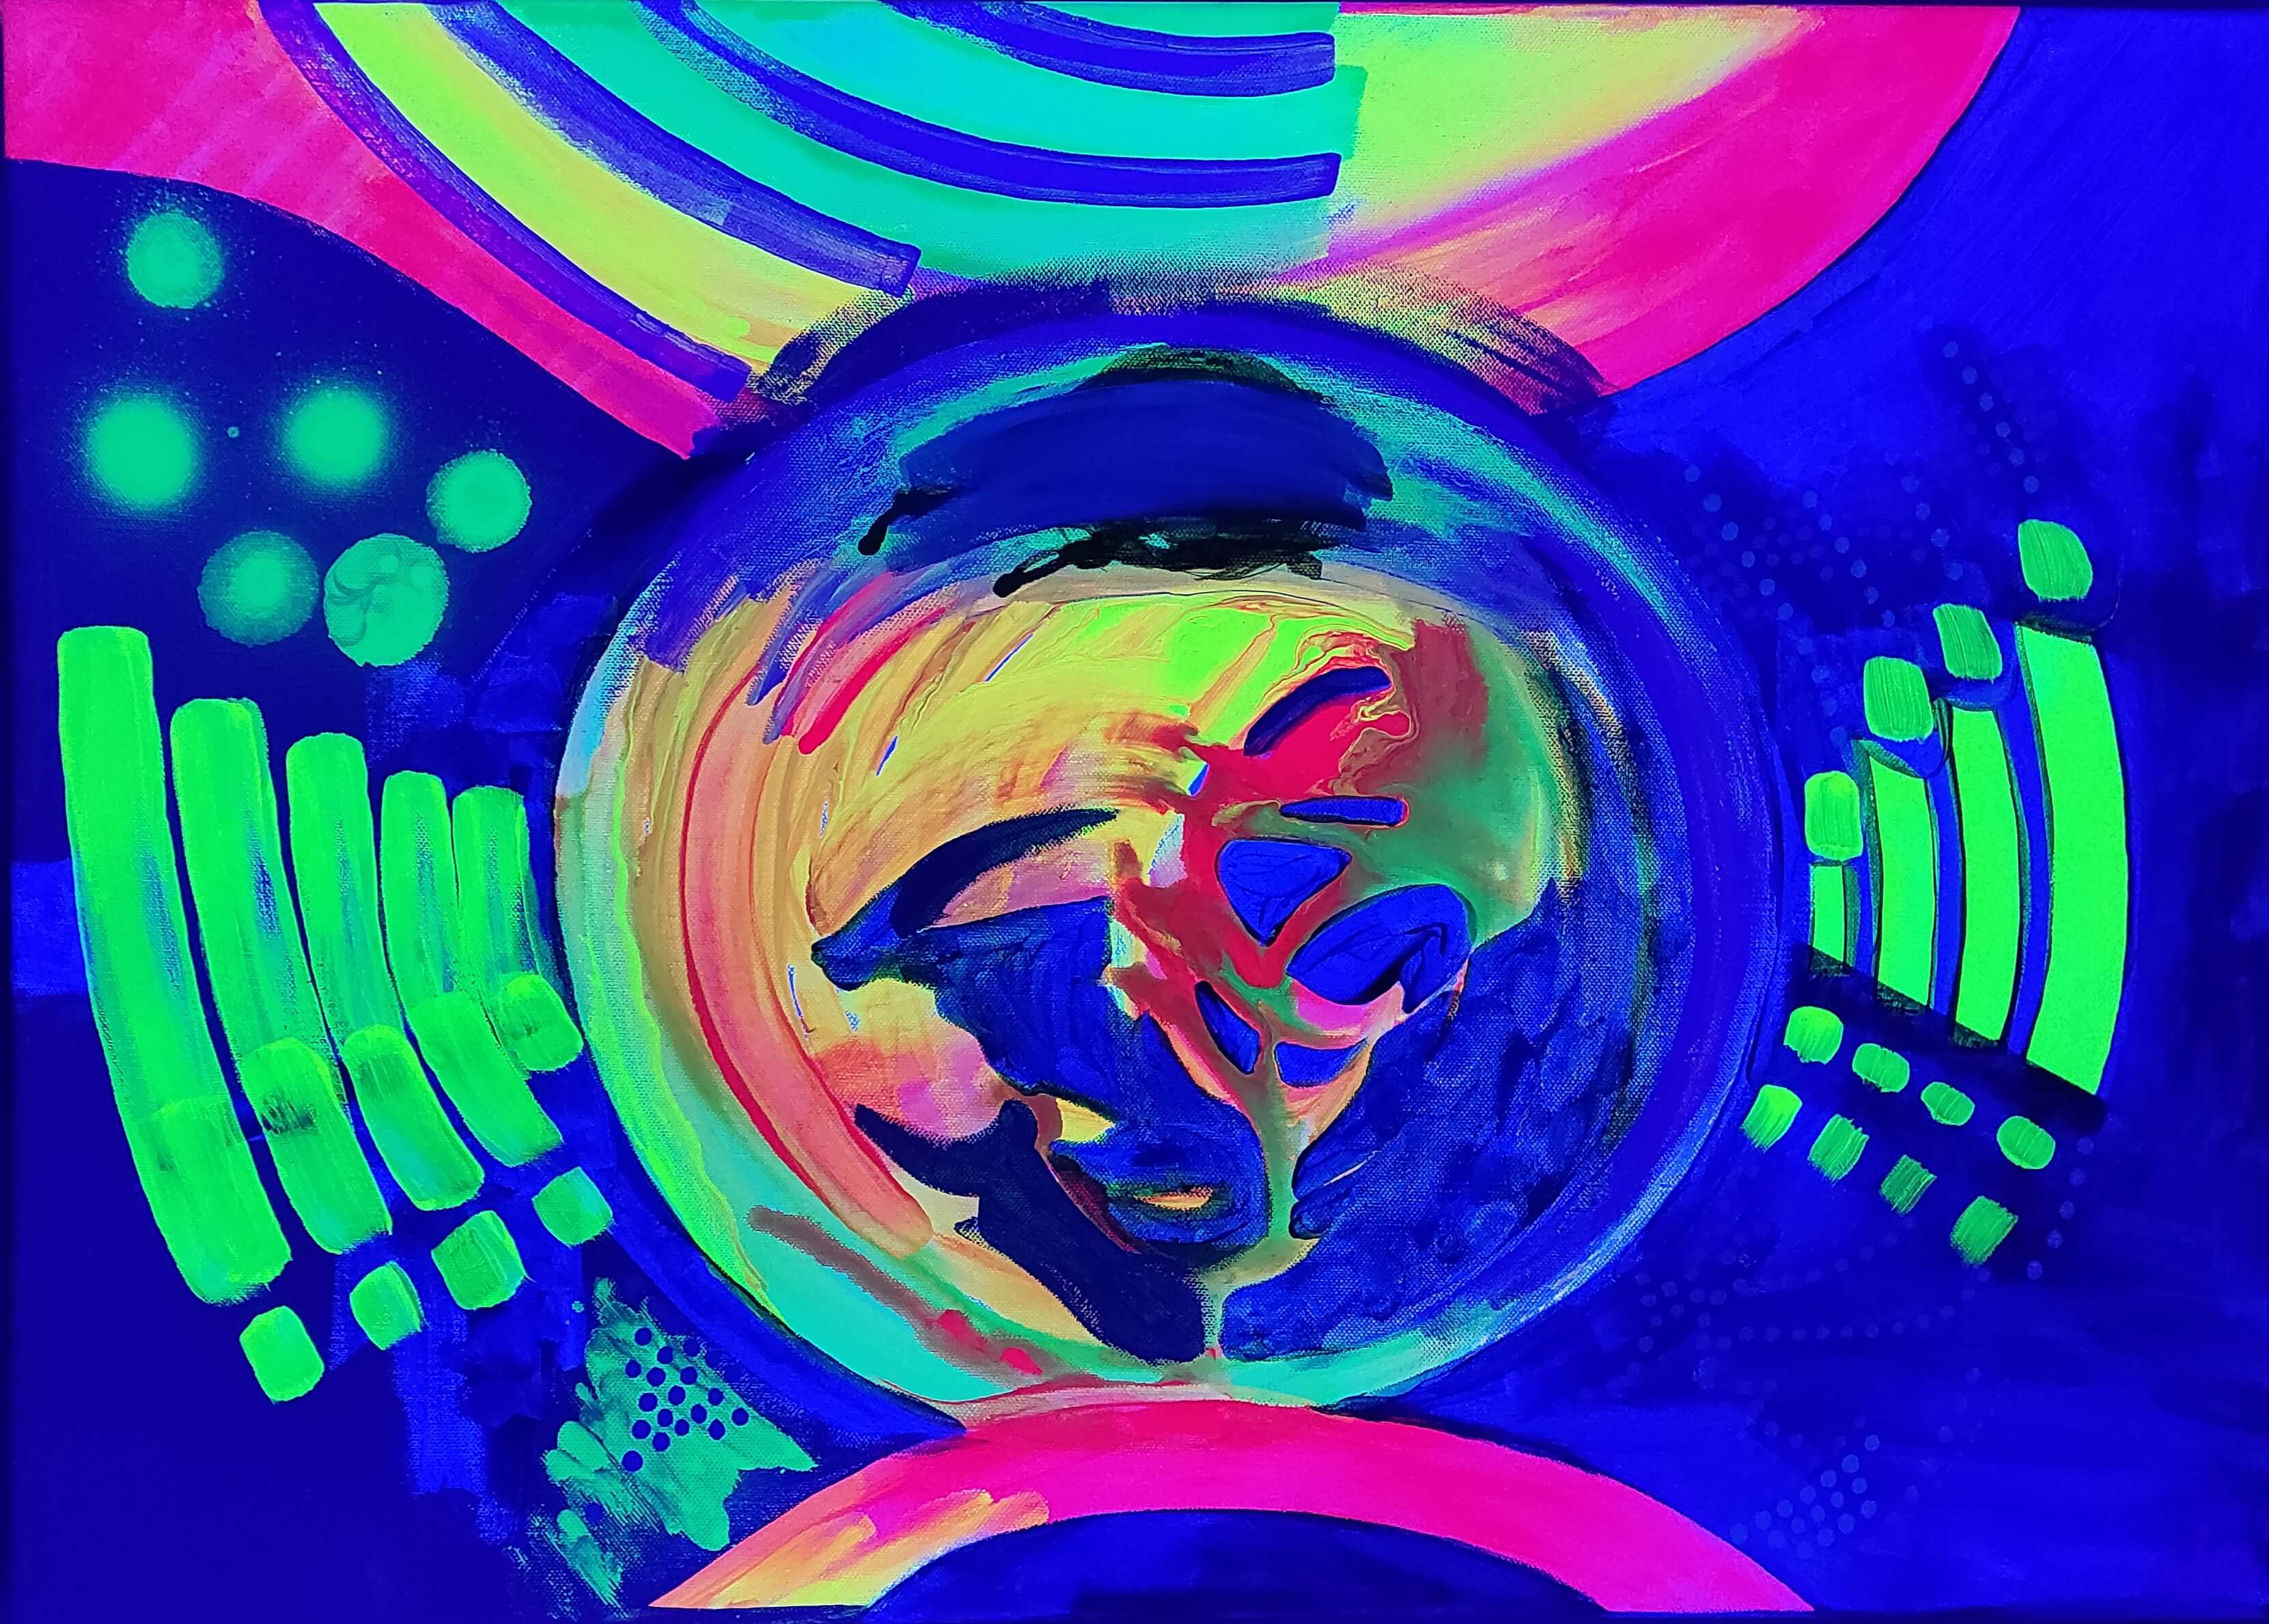 UV, uv art, uv artist, psychodelic, ultrafiolet, w ultrafiolecie, obraz uv, oryginalny prezent